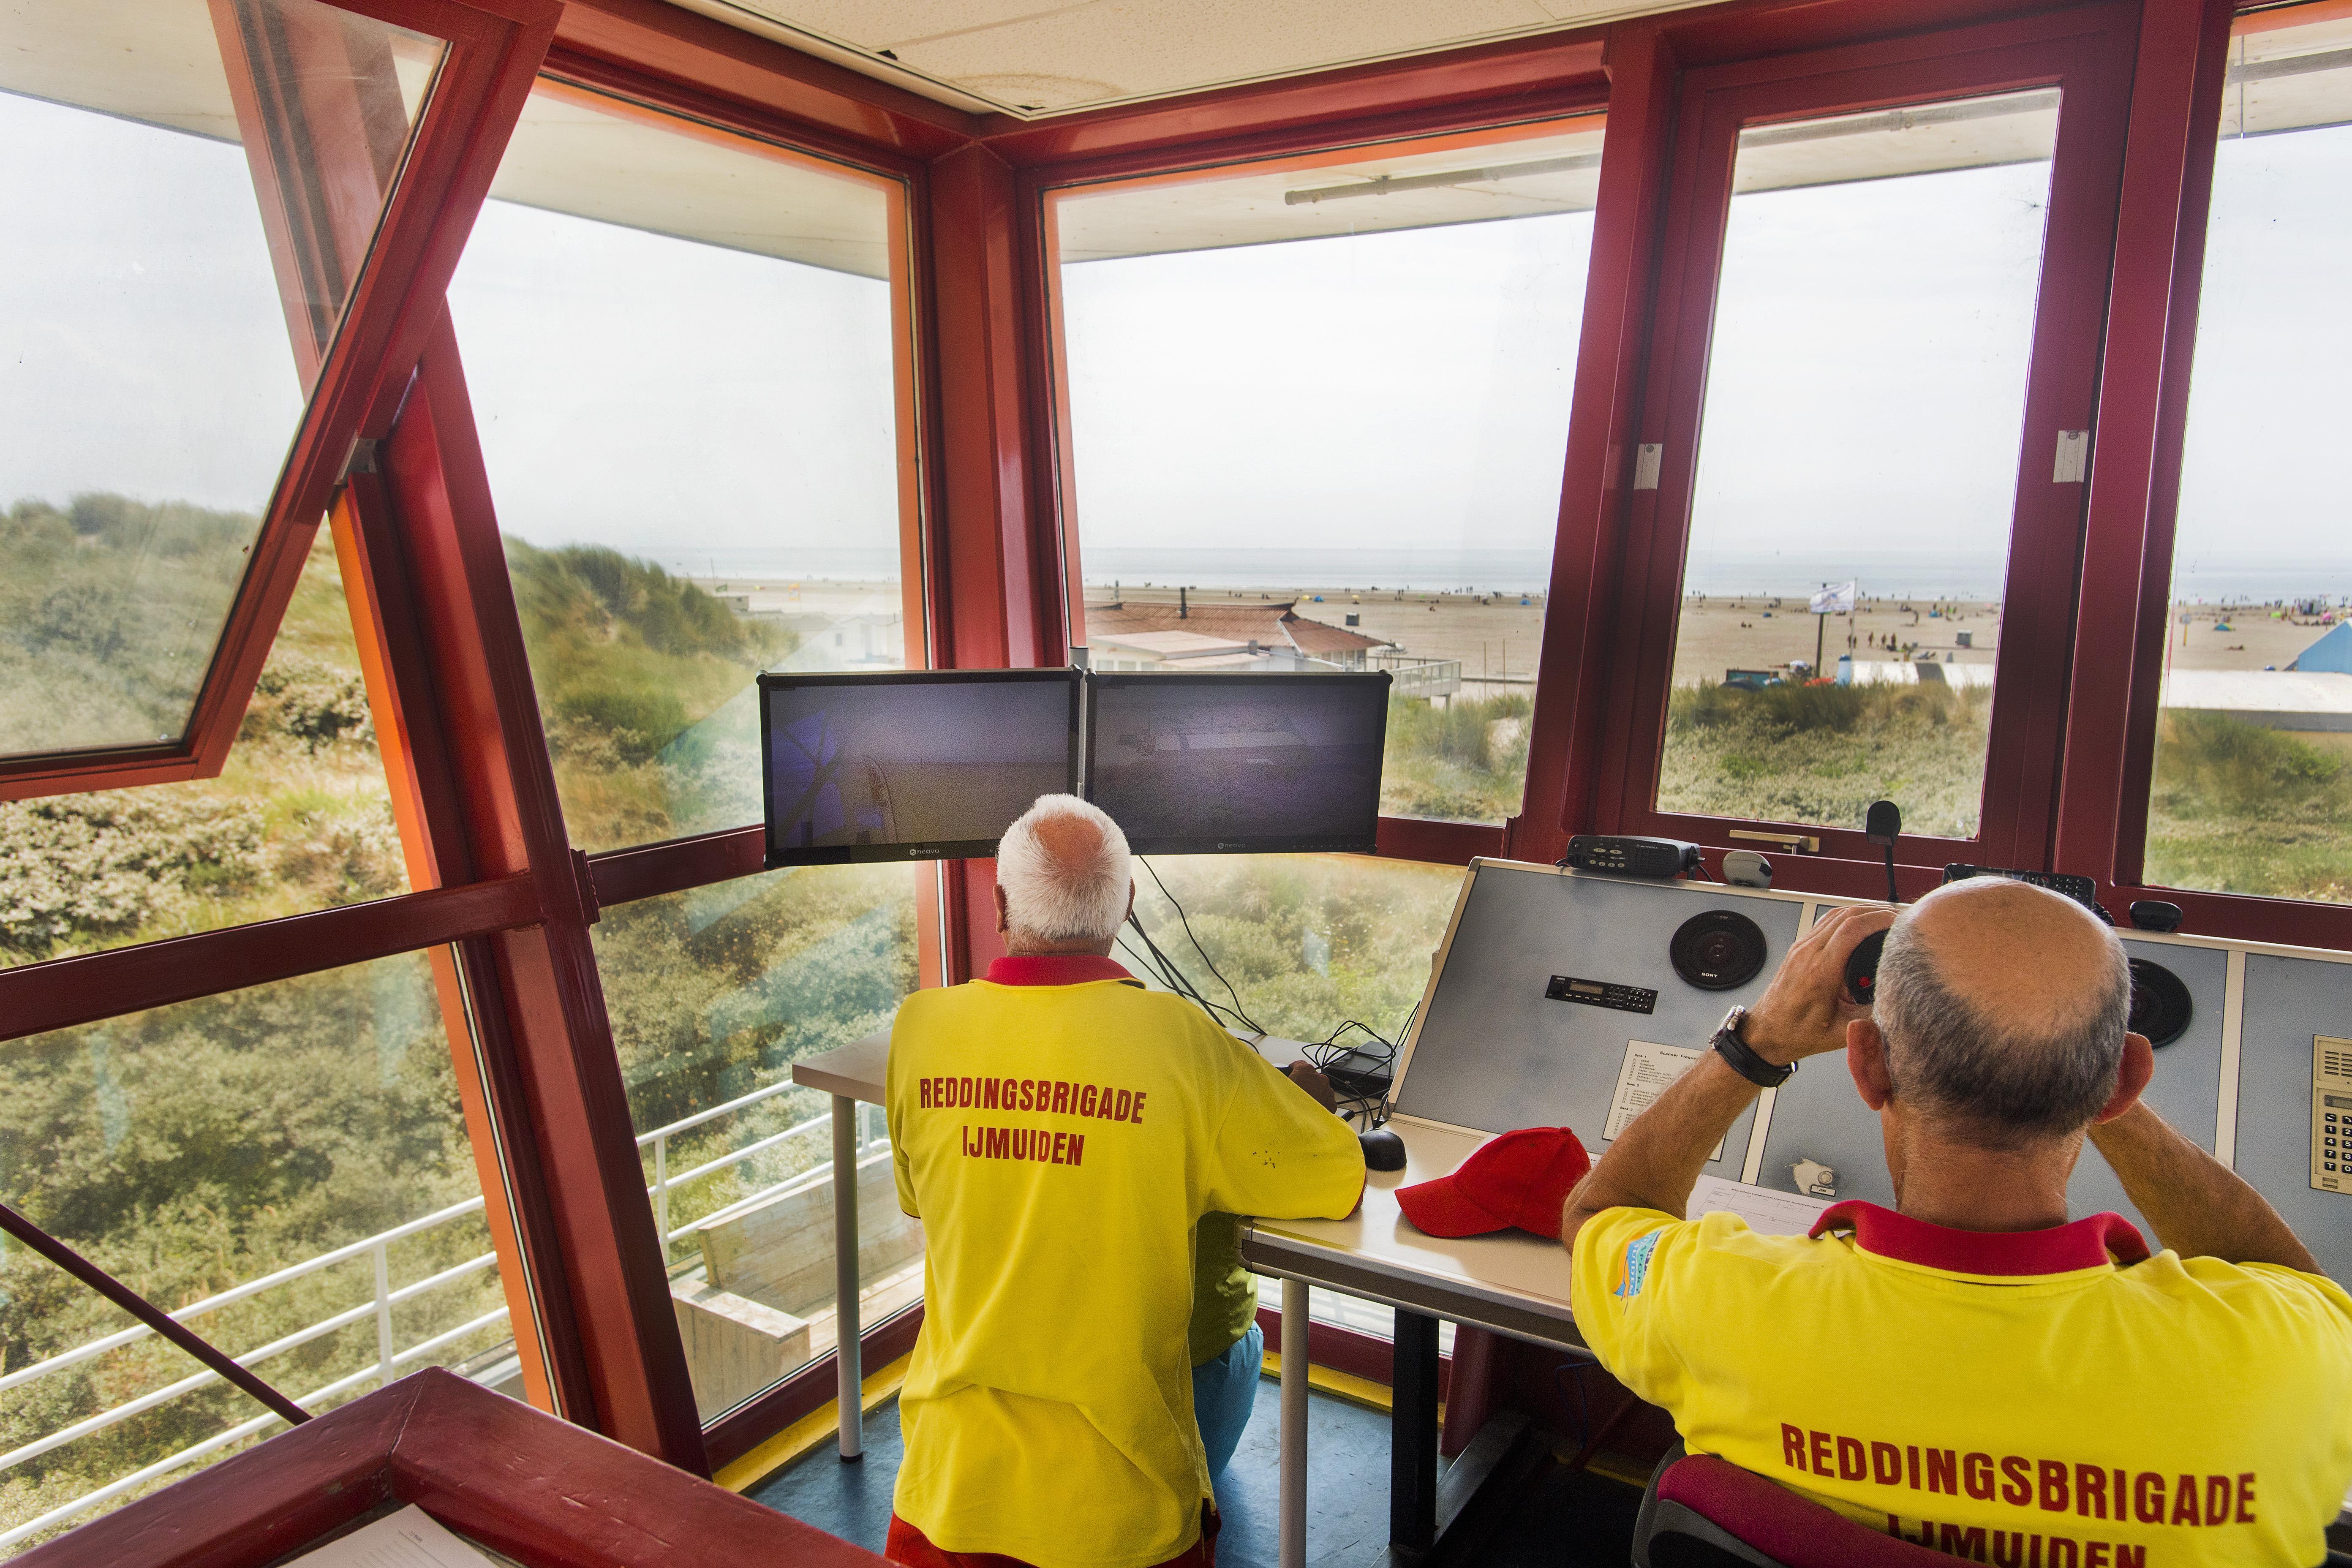 Nu ook de camera van de reddingsbrigade in IJmuiden niet meer werkt moet er ingegrepen worden: 'Veiligheid badgasten is niet te garanderen, levensgevaarlijk'